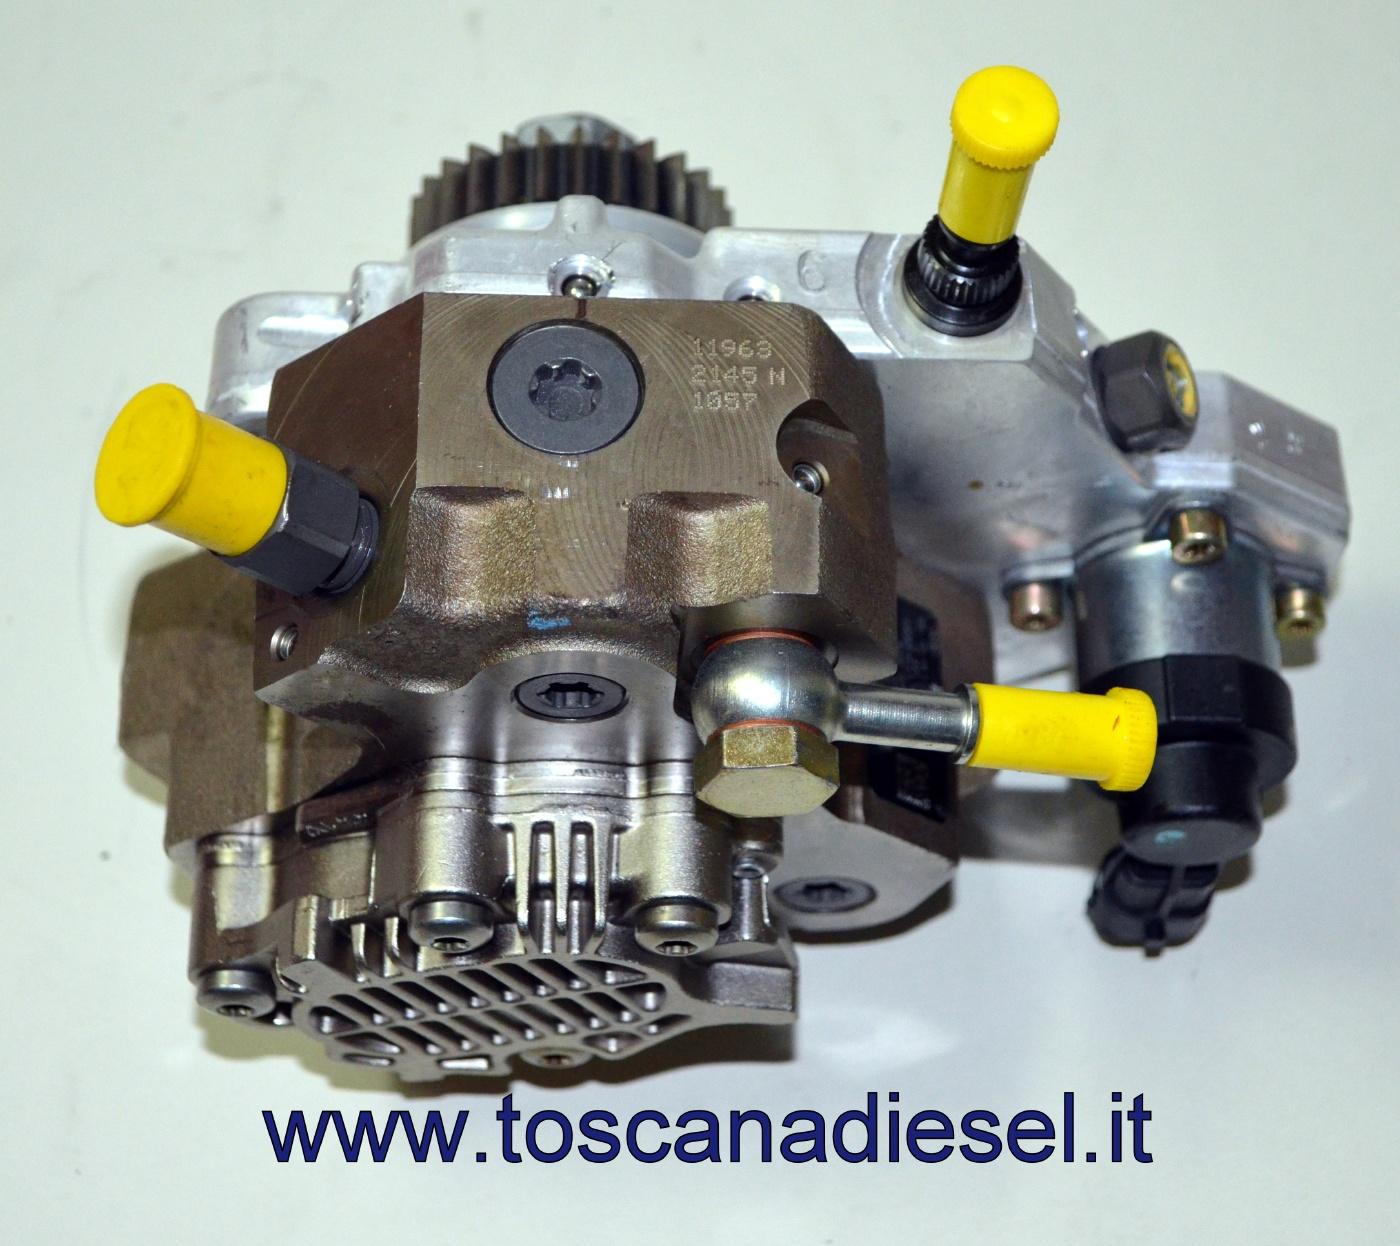 Bosch Common Rail Diesel Pompa ad alta pressione pompa di iniezione 0445010086